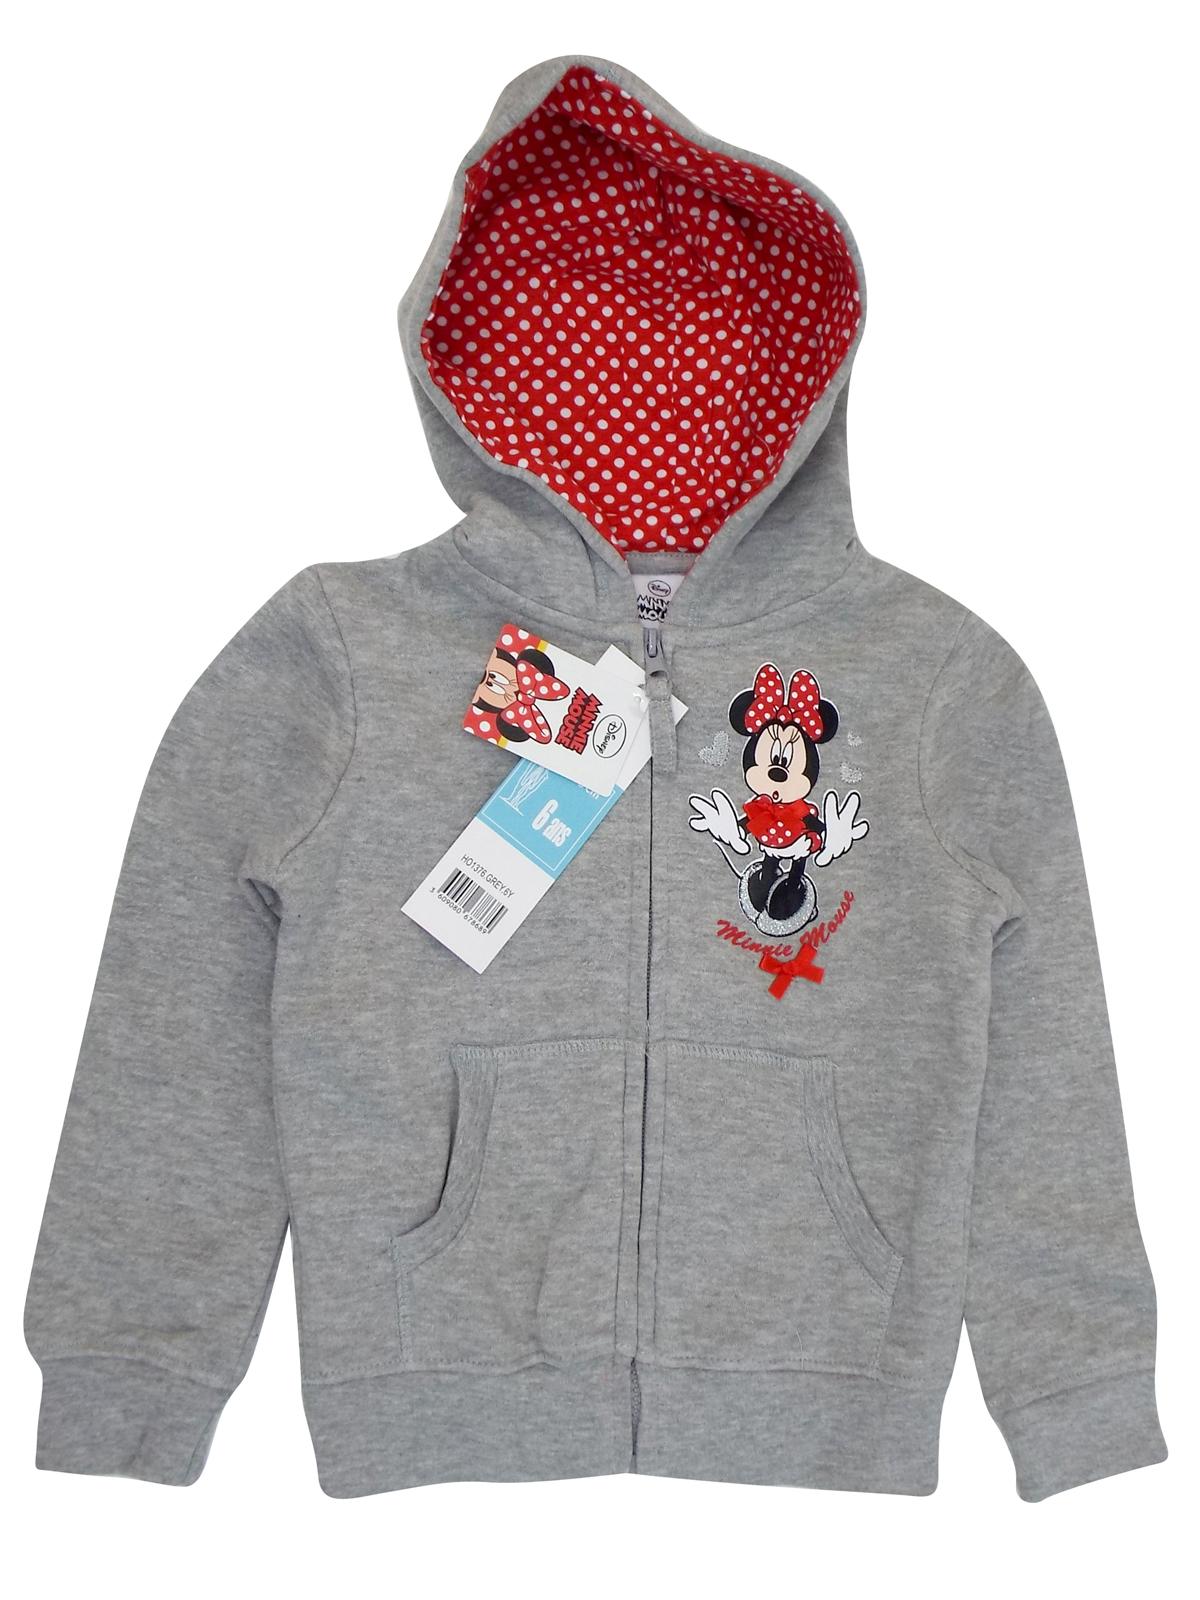 Disney Princess All in One Nightwear-Ages 2-10 an Joli Rose en Coton